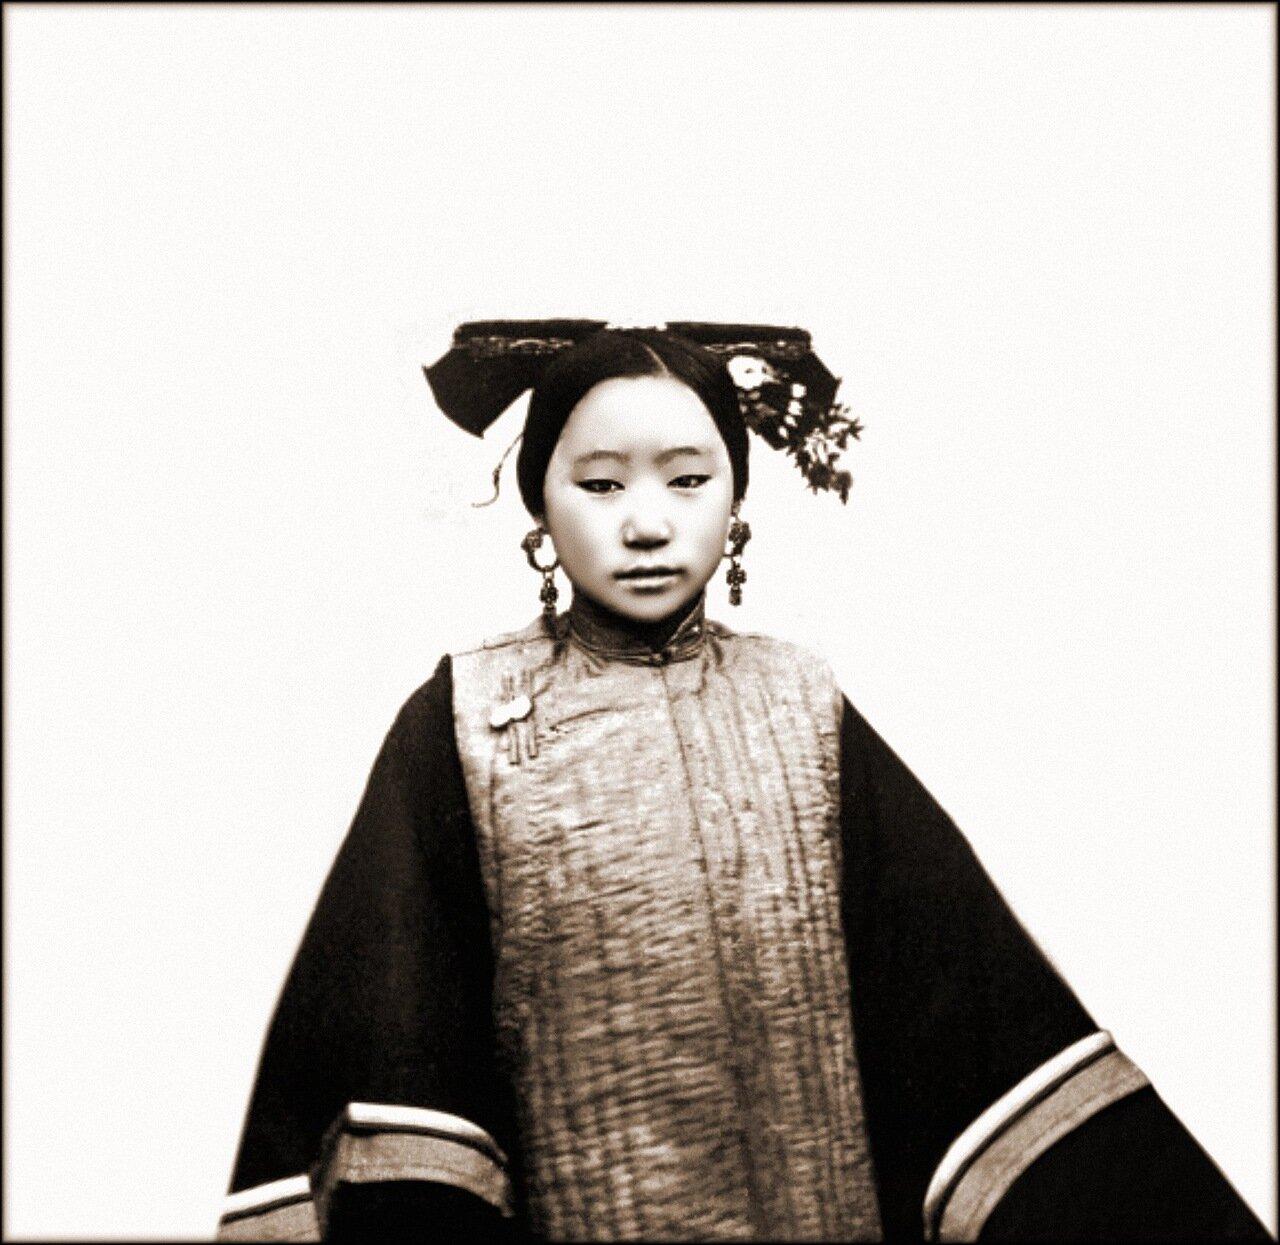 1869. Образец прически маньчжурской девушки, Пекин